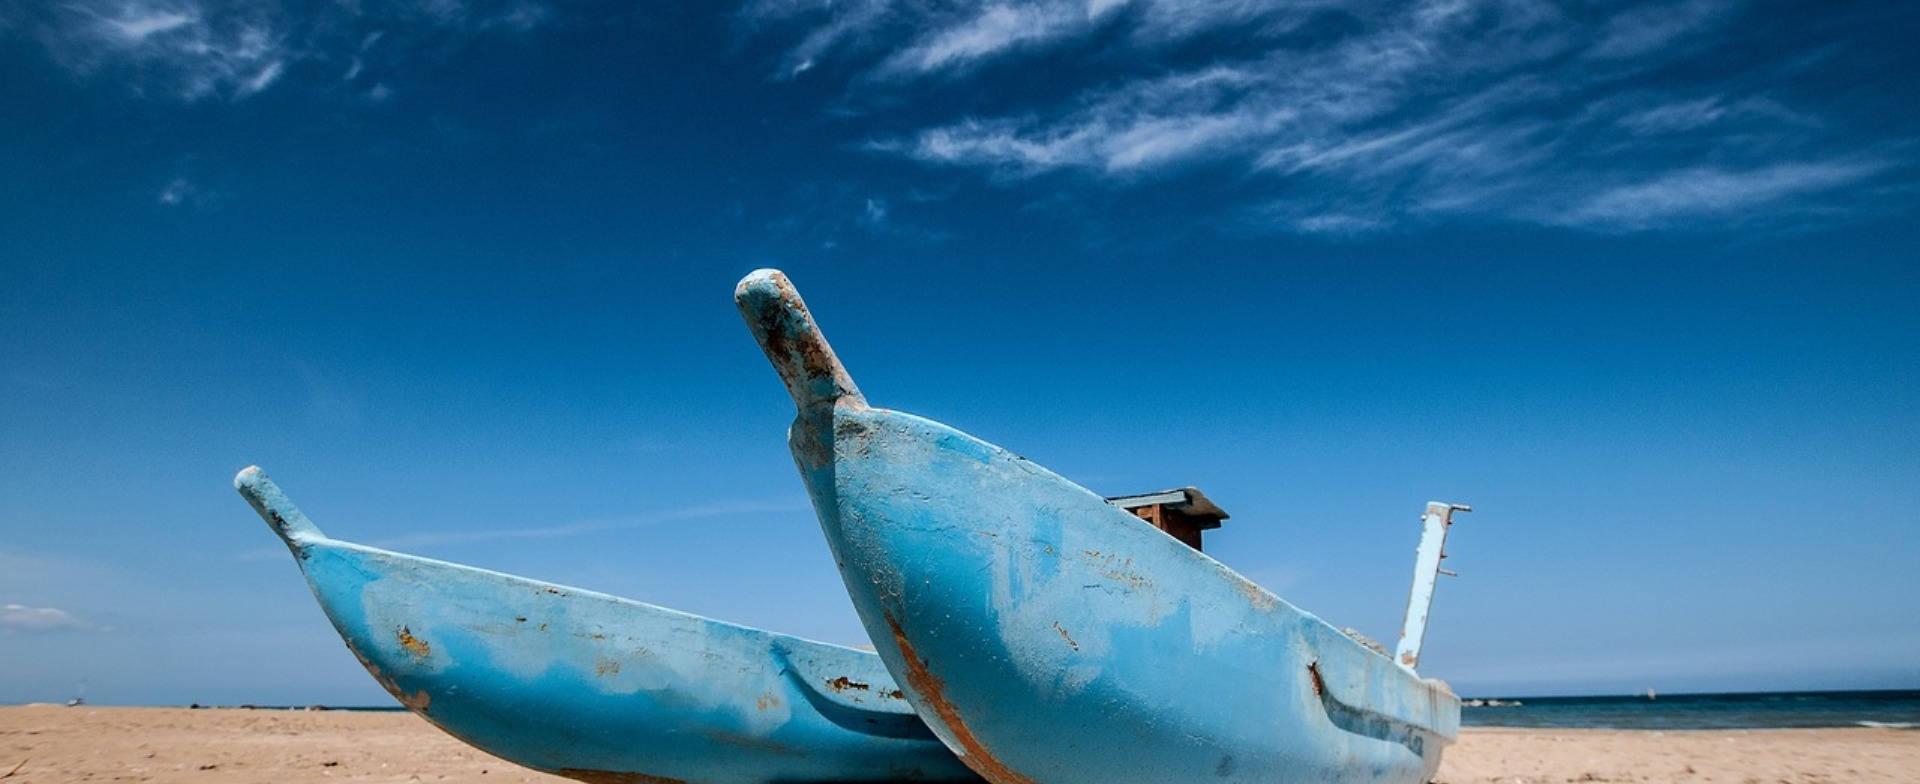 Antillen Südsee Karibi Malediven Nordsee Ostsee Holland Küste Dänemark Schweden Norwegen Finnland Skandinavien die reise reisen bielefeld reisebuero Wellnessreisen Familienreisen Kreuzfahrten Lastminute Mietwagen Lastminute